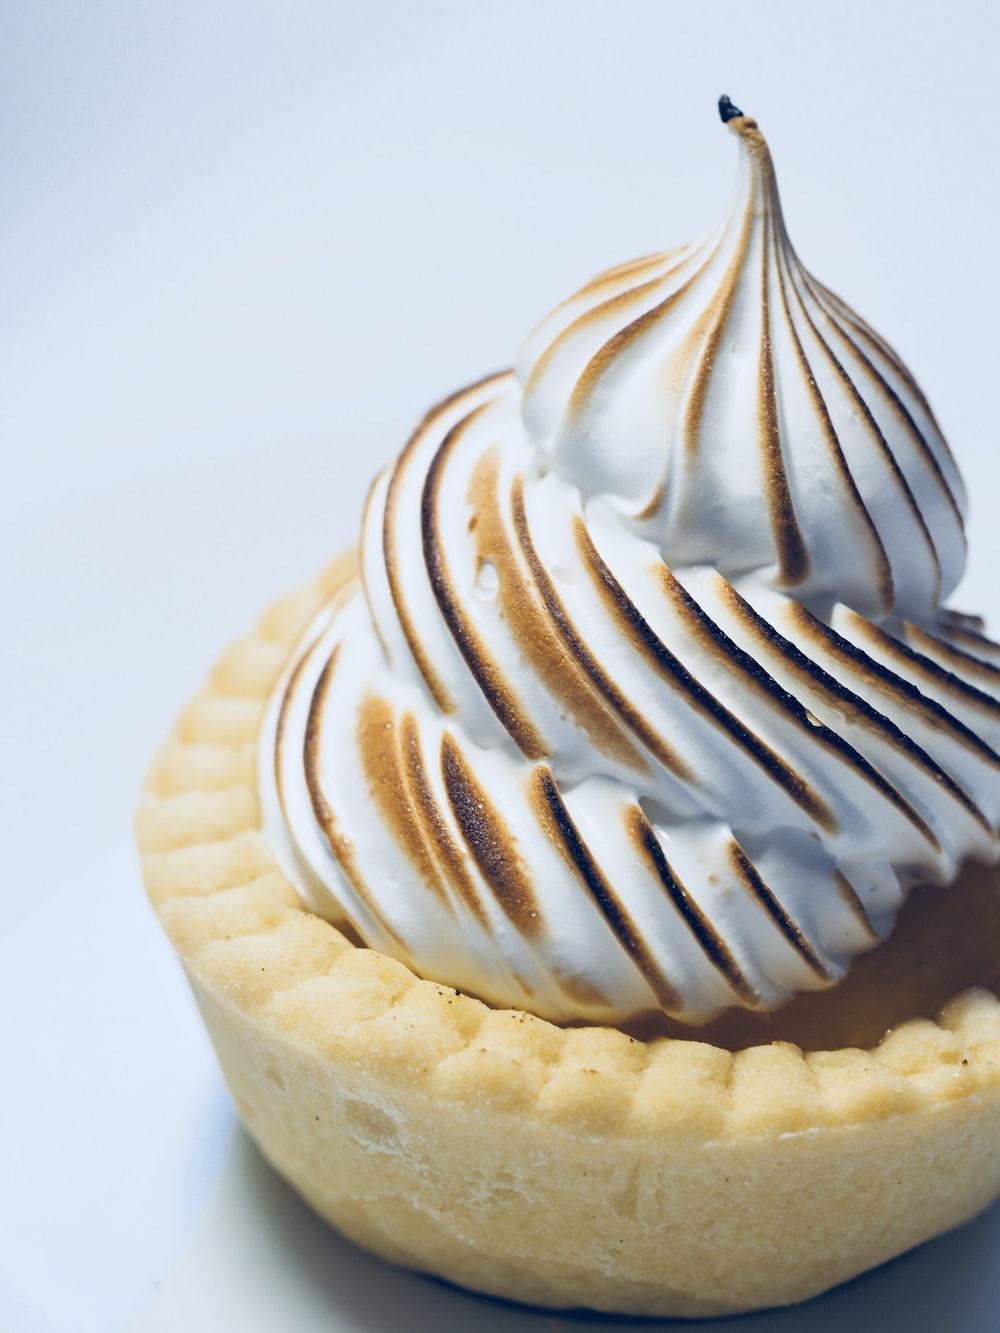 tart with white cream